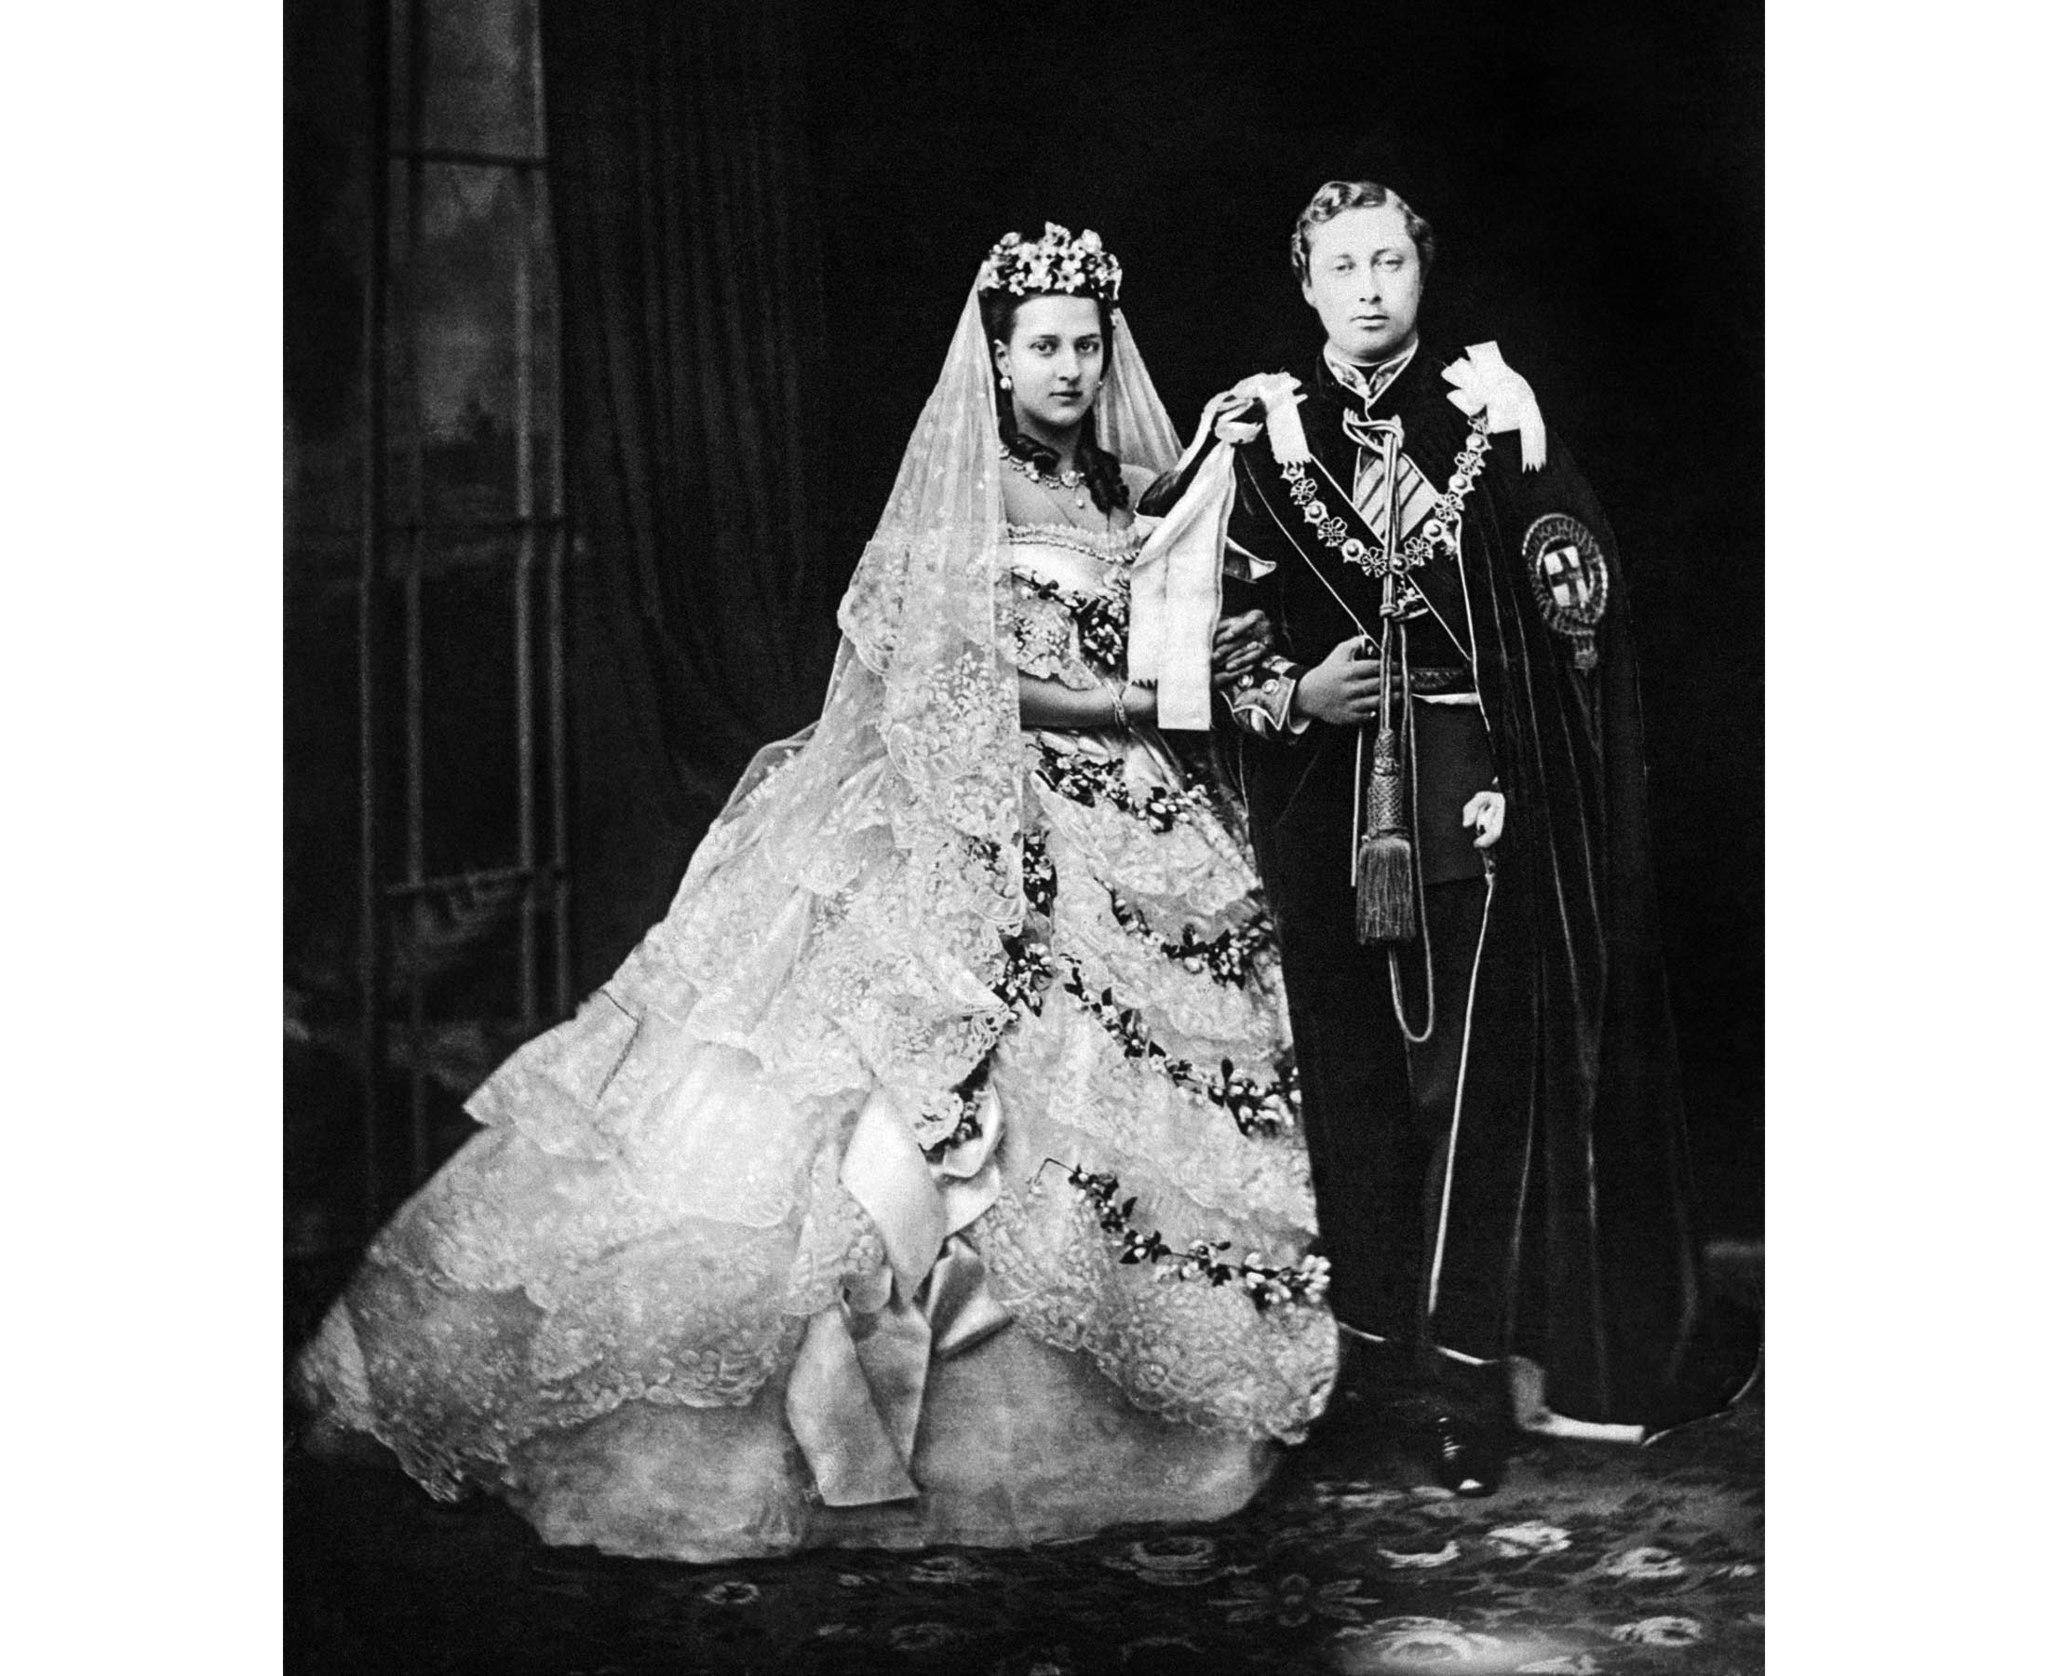 WEDDING OF PRINCE OF WALES AND PRINCESS ALEXANDRA : 1863